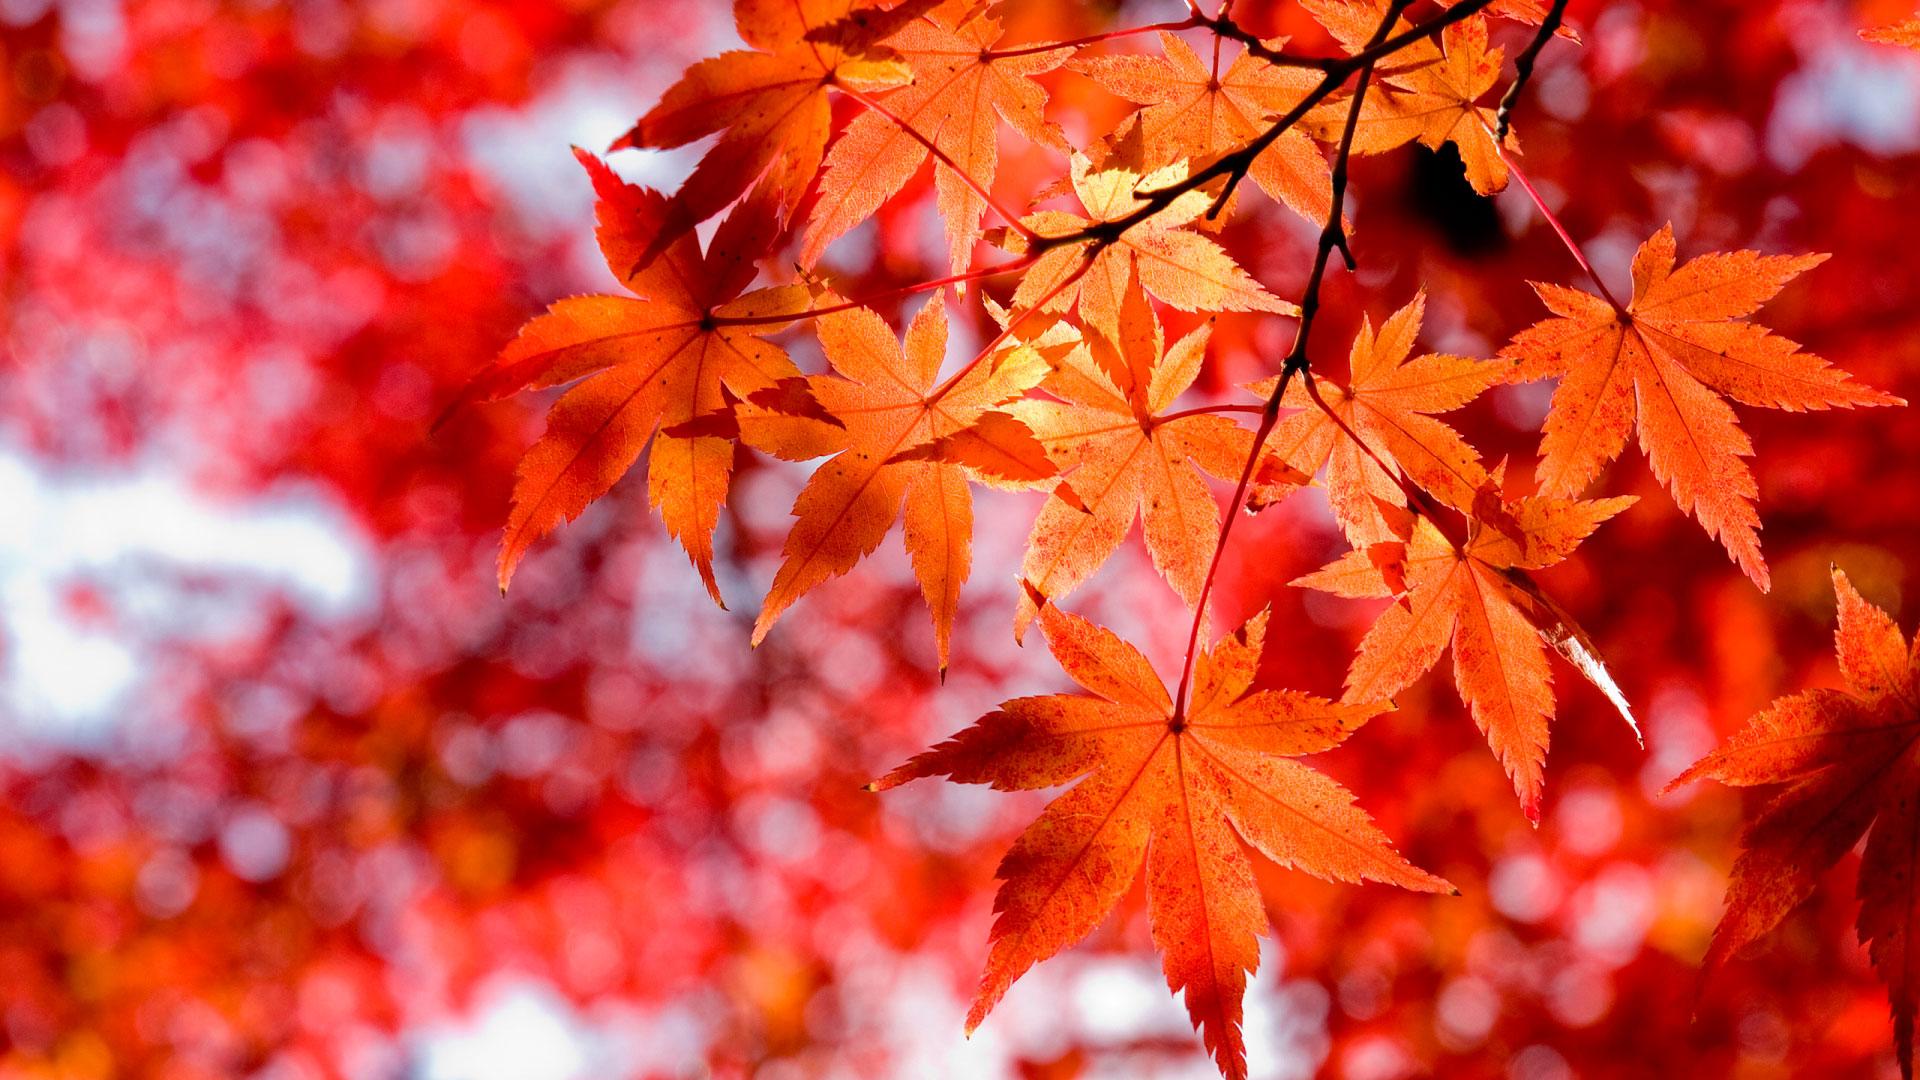 обои на рабочий стол кленовые листья осенью 14815